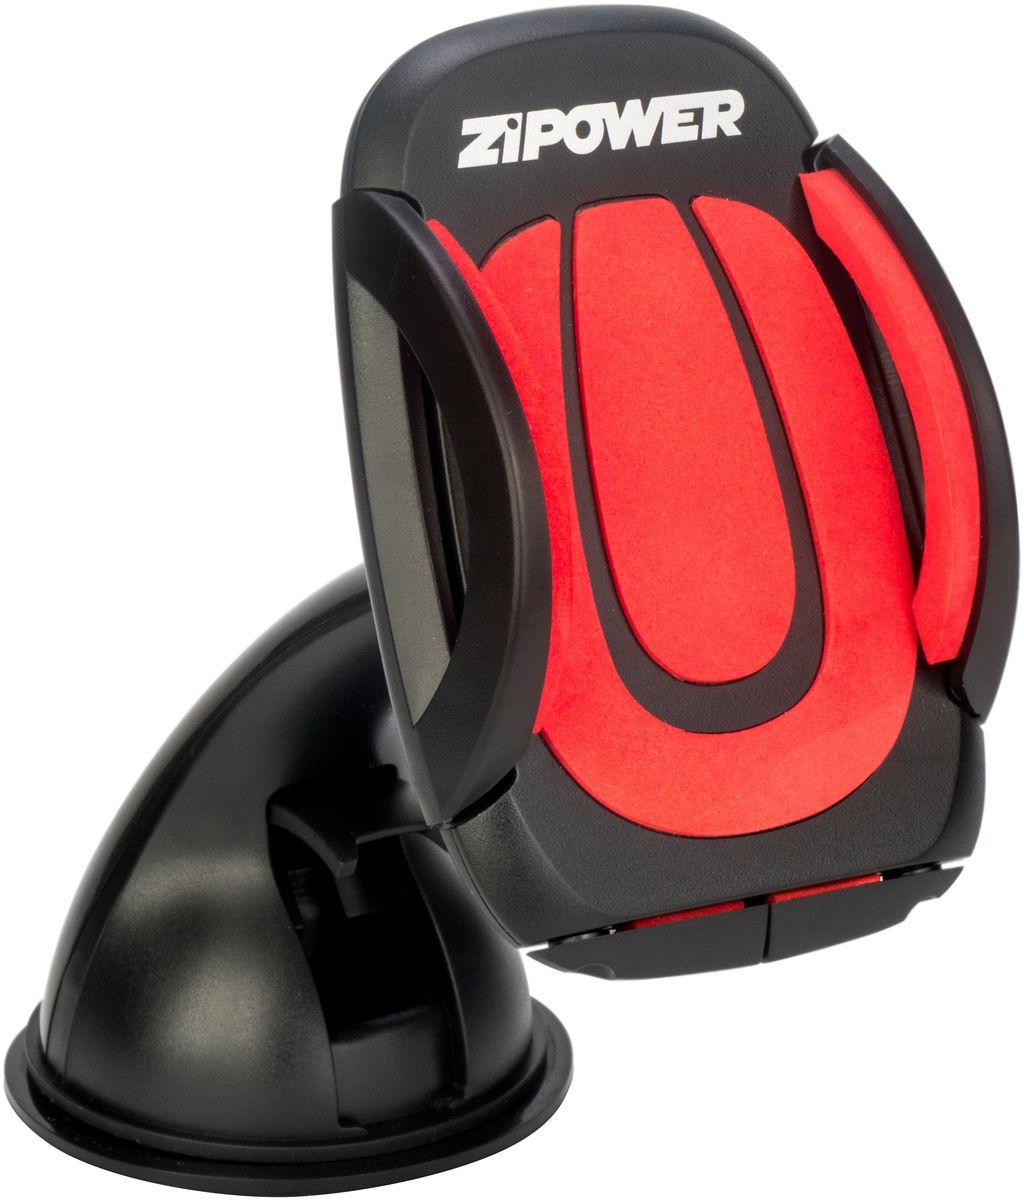 Держатель автомобильный Zipower, для телефона, на присоске. PM 6624PM 6624Автомобильный держатель для мобильного телефона Zipower позволят не только безопасно использовать то или иное устройство, но и дает возможность просто и надежно закрепить его для подзарядки. Присоска Gelfix надежно фиксирует держатель на любой пластиковой или стеклянной поверхности, что позволяет устанавливать телефон одной рукой. Держатель выполнен из ударопрочного пластика и имеет мягкие накладки, которые надежно фиксирует телефон.В современных условиях уже невозможно представить свою жизнь без огромного количества гаджетов. Мобильные телефоны, планшетные компьютеры, навигаторы прочно вошли в наш повседневный быт. Чтобы сделать их использование максимально комфортным, а также учитывая то, что значительную часть времени сегодня человек проводит в автомобиле, и были созданы специальные автомобильные держатели для разнообразных устройств. Ширина захвата: 47-100 мм.Угол поворота: 360°.